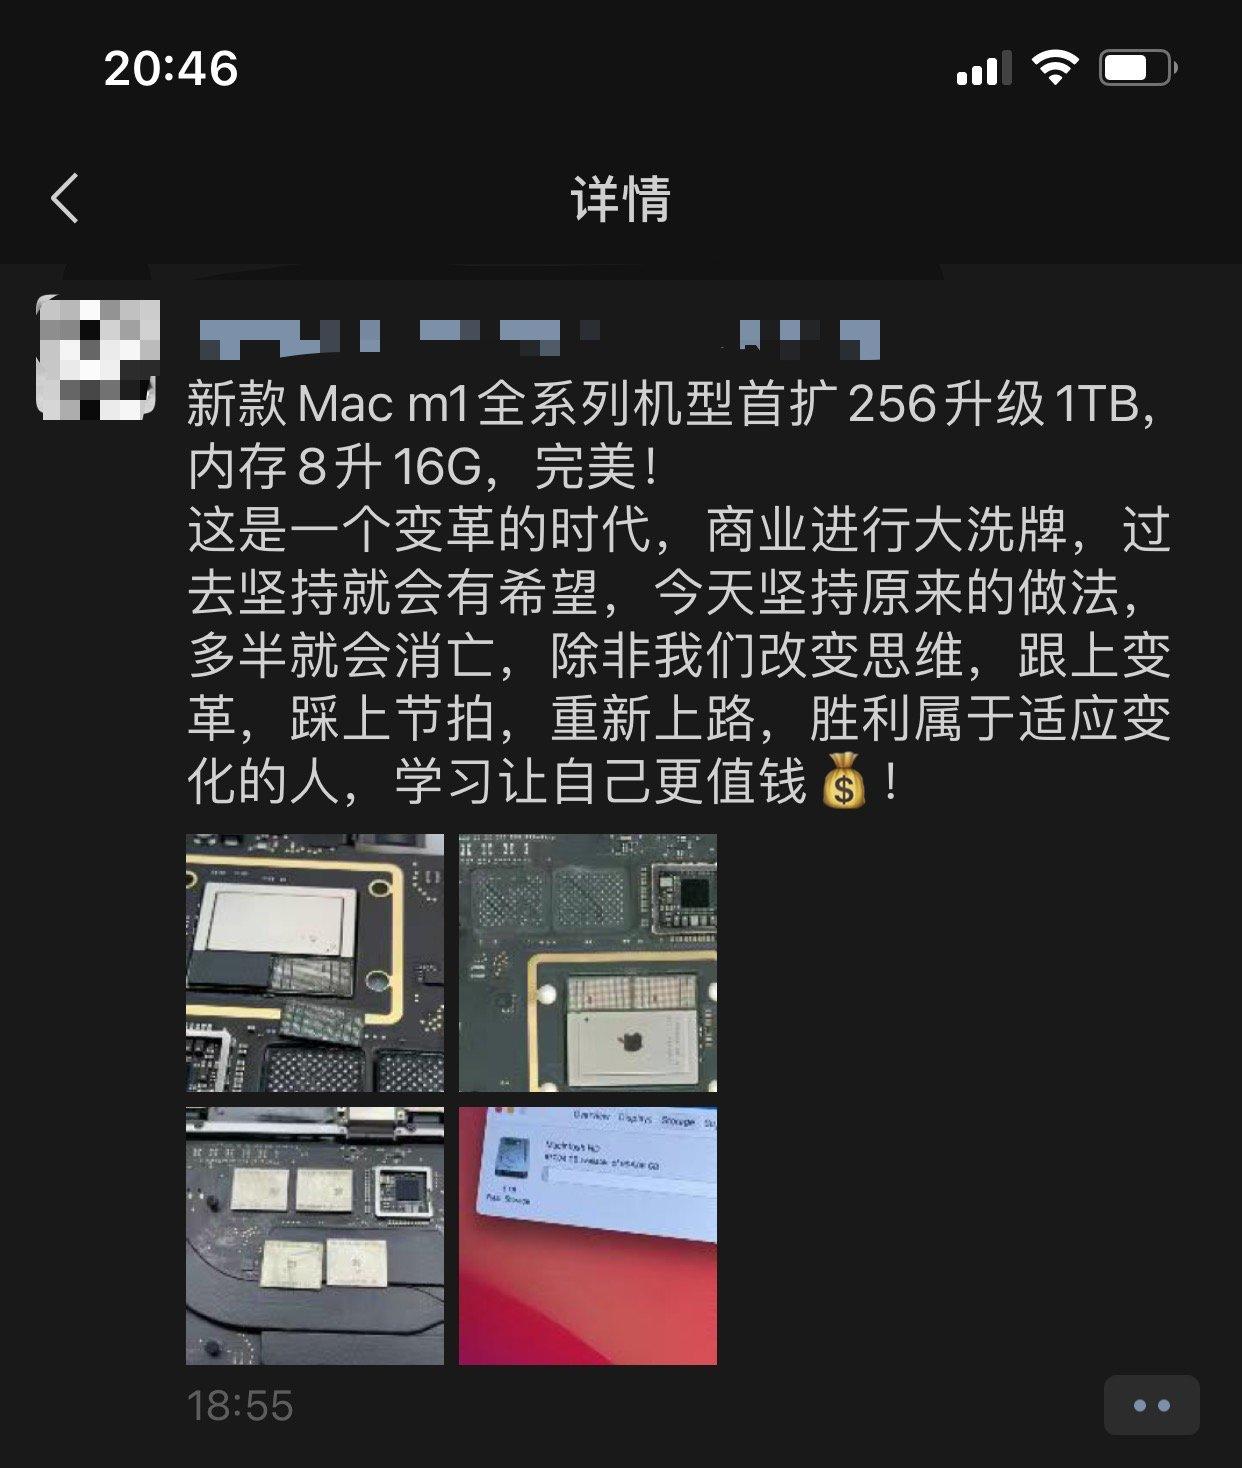 Anuncio en chino, en Weibo, del cambio de chips de memoria RAM y SSD en un MacBook con chip M1